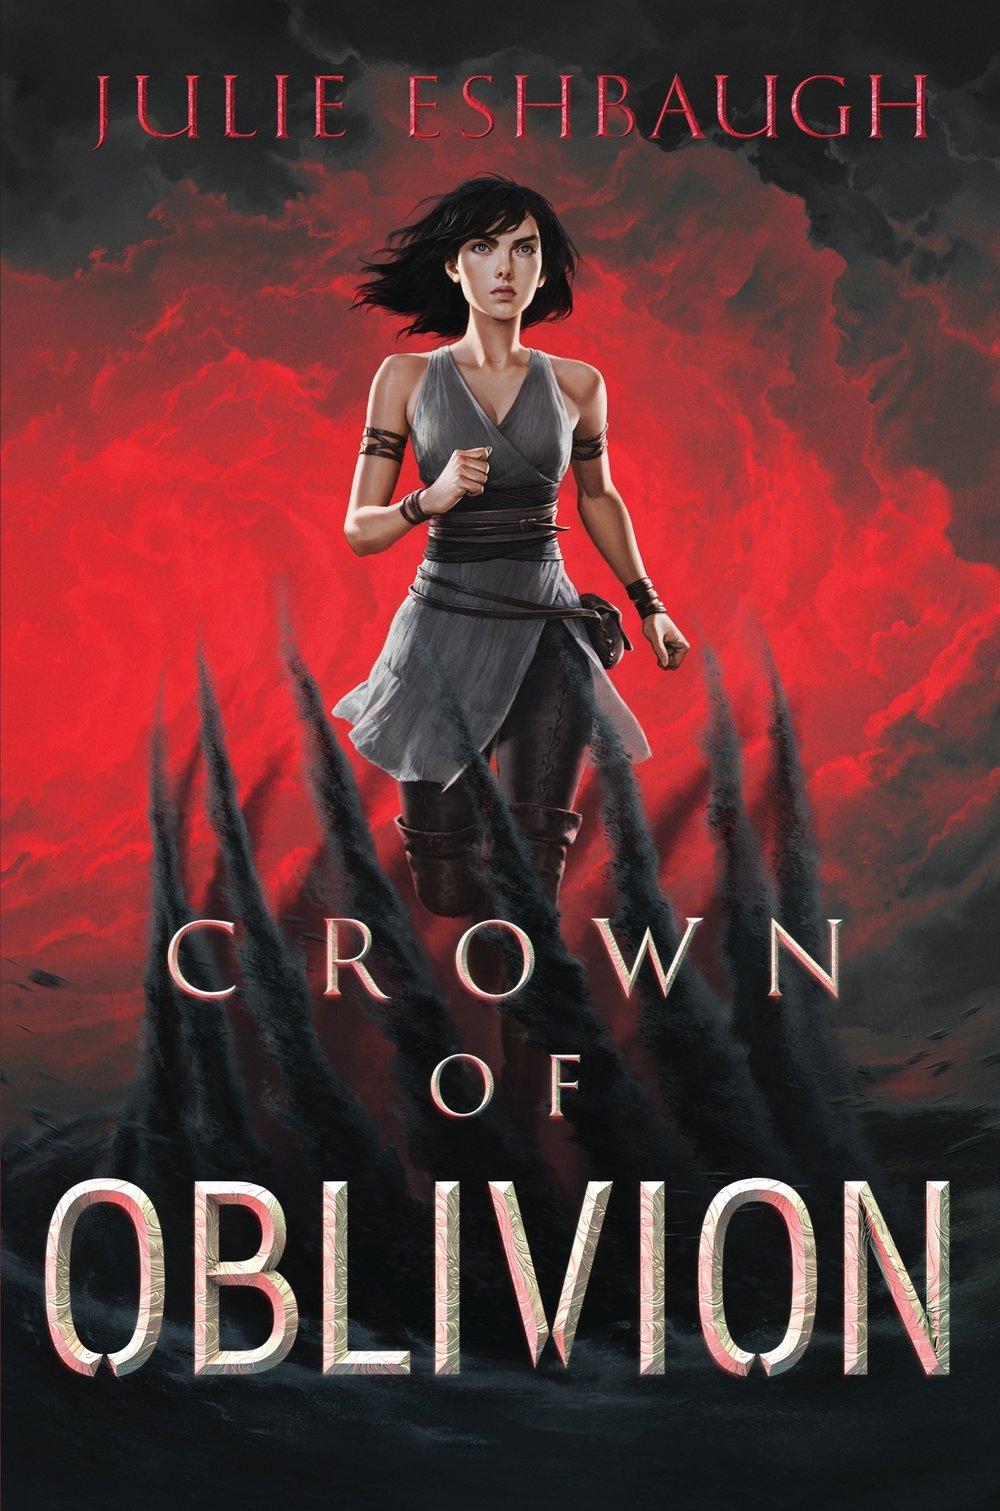 CrownOfOblivion hc c smaller.jpg